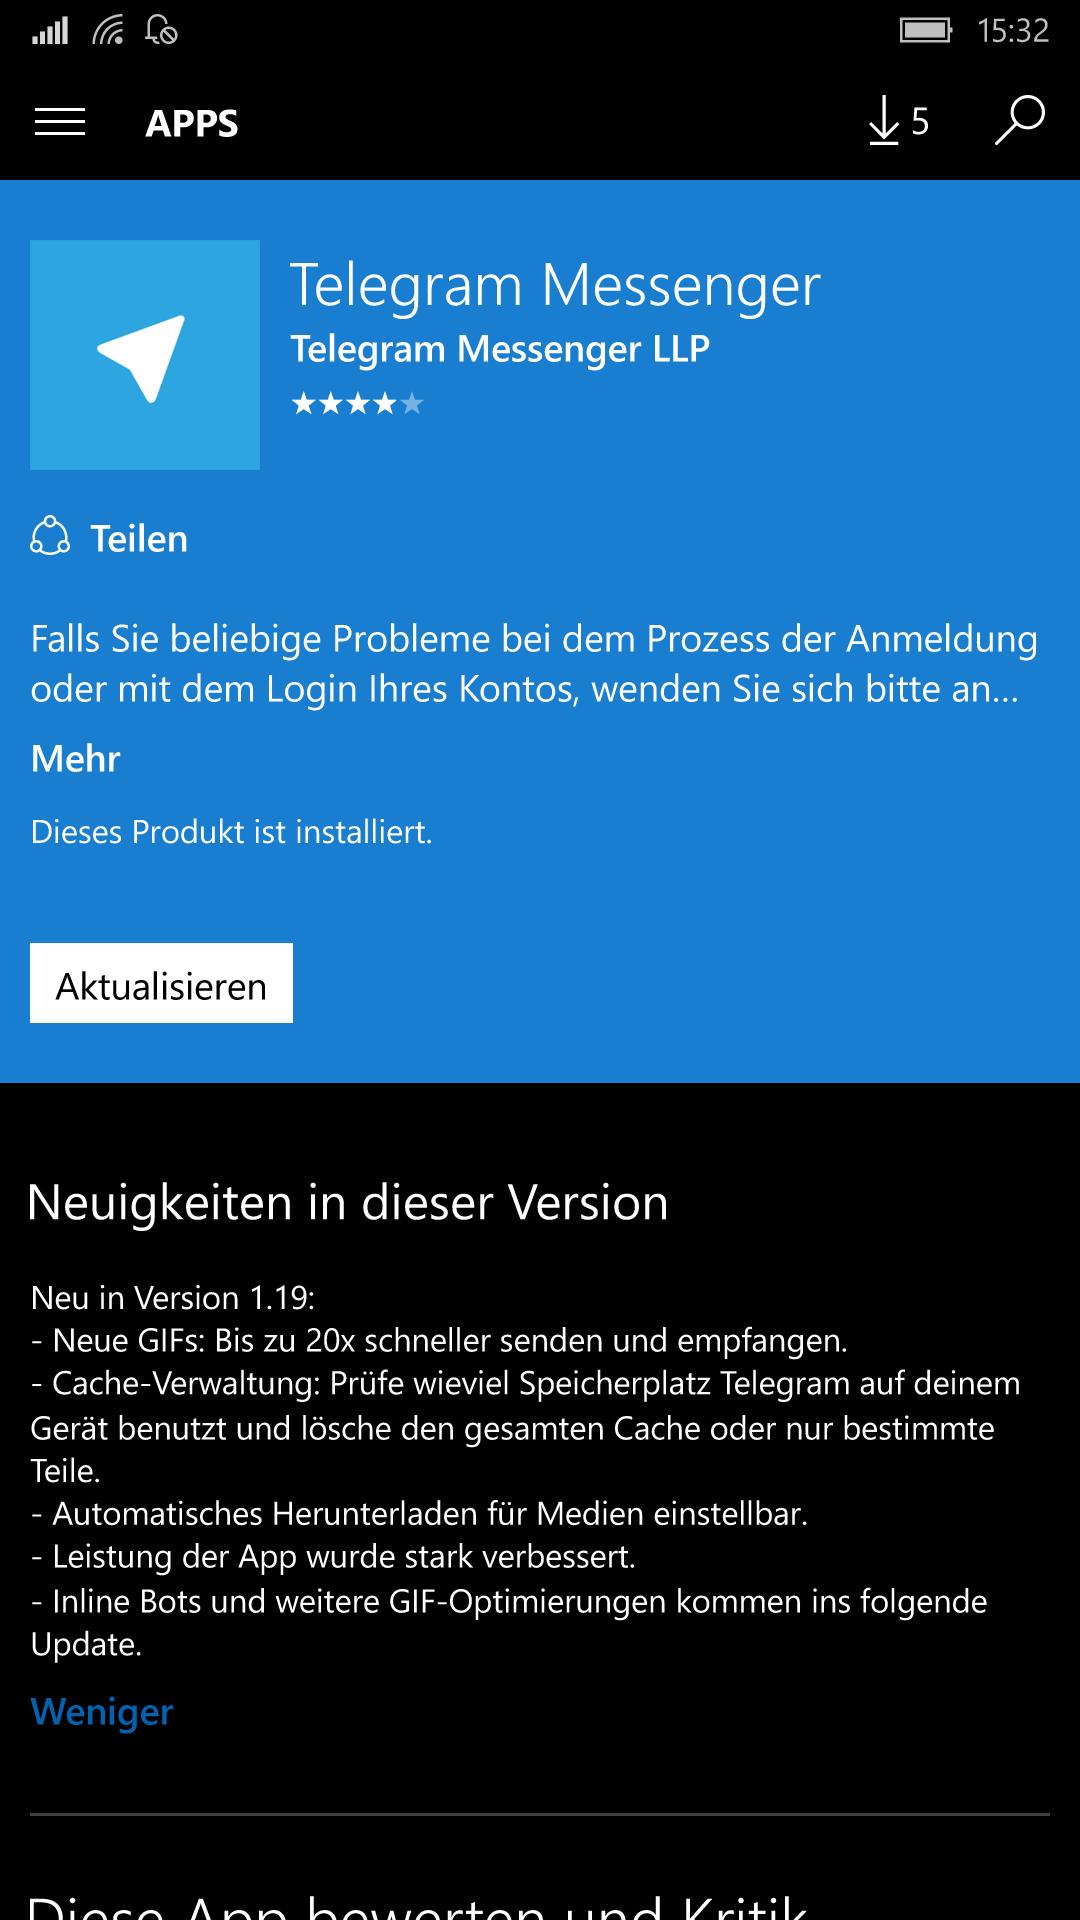 Telegram für Windows 10 Mobile bekommt ein Update